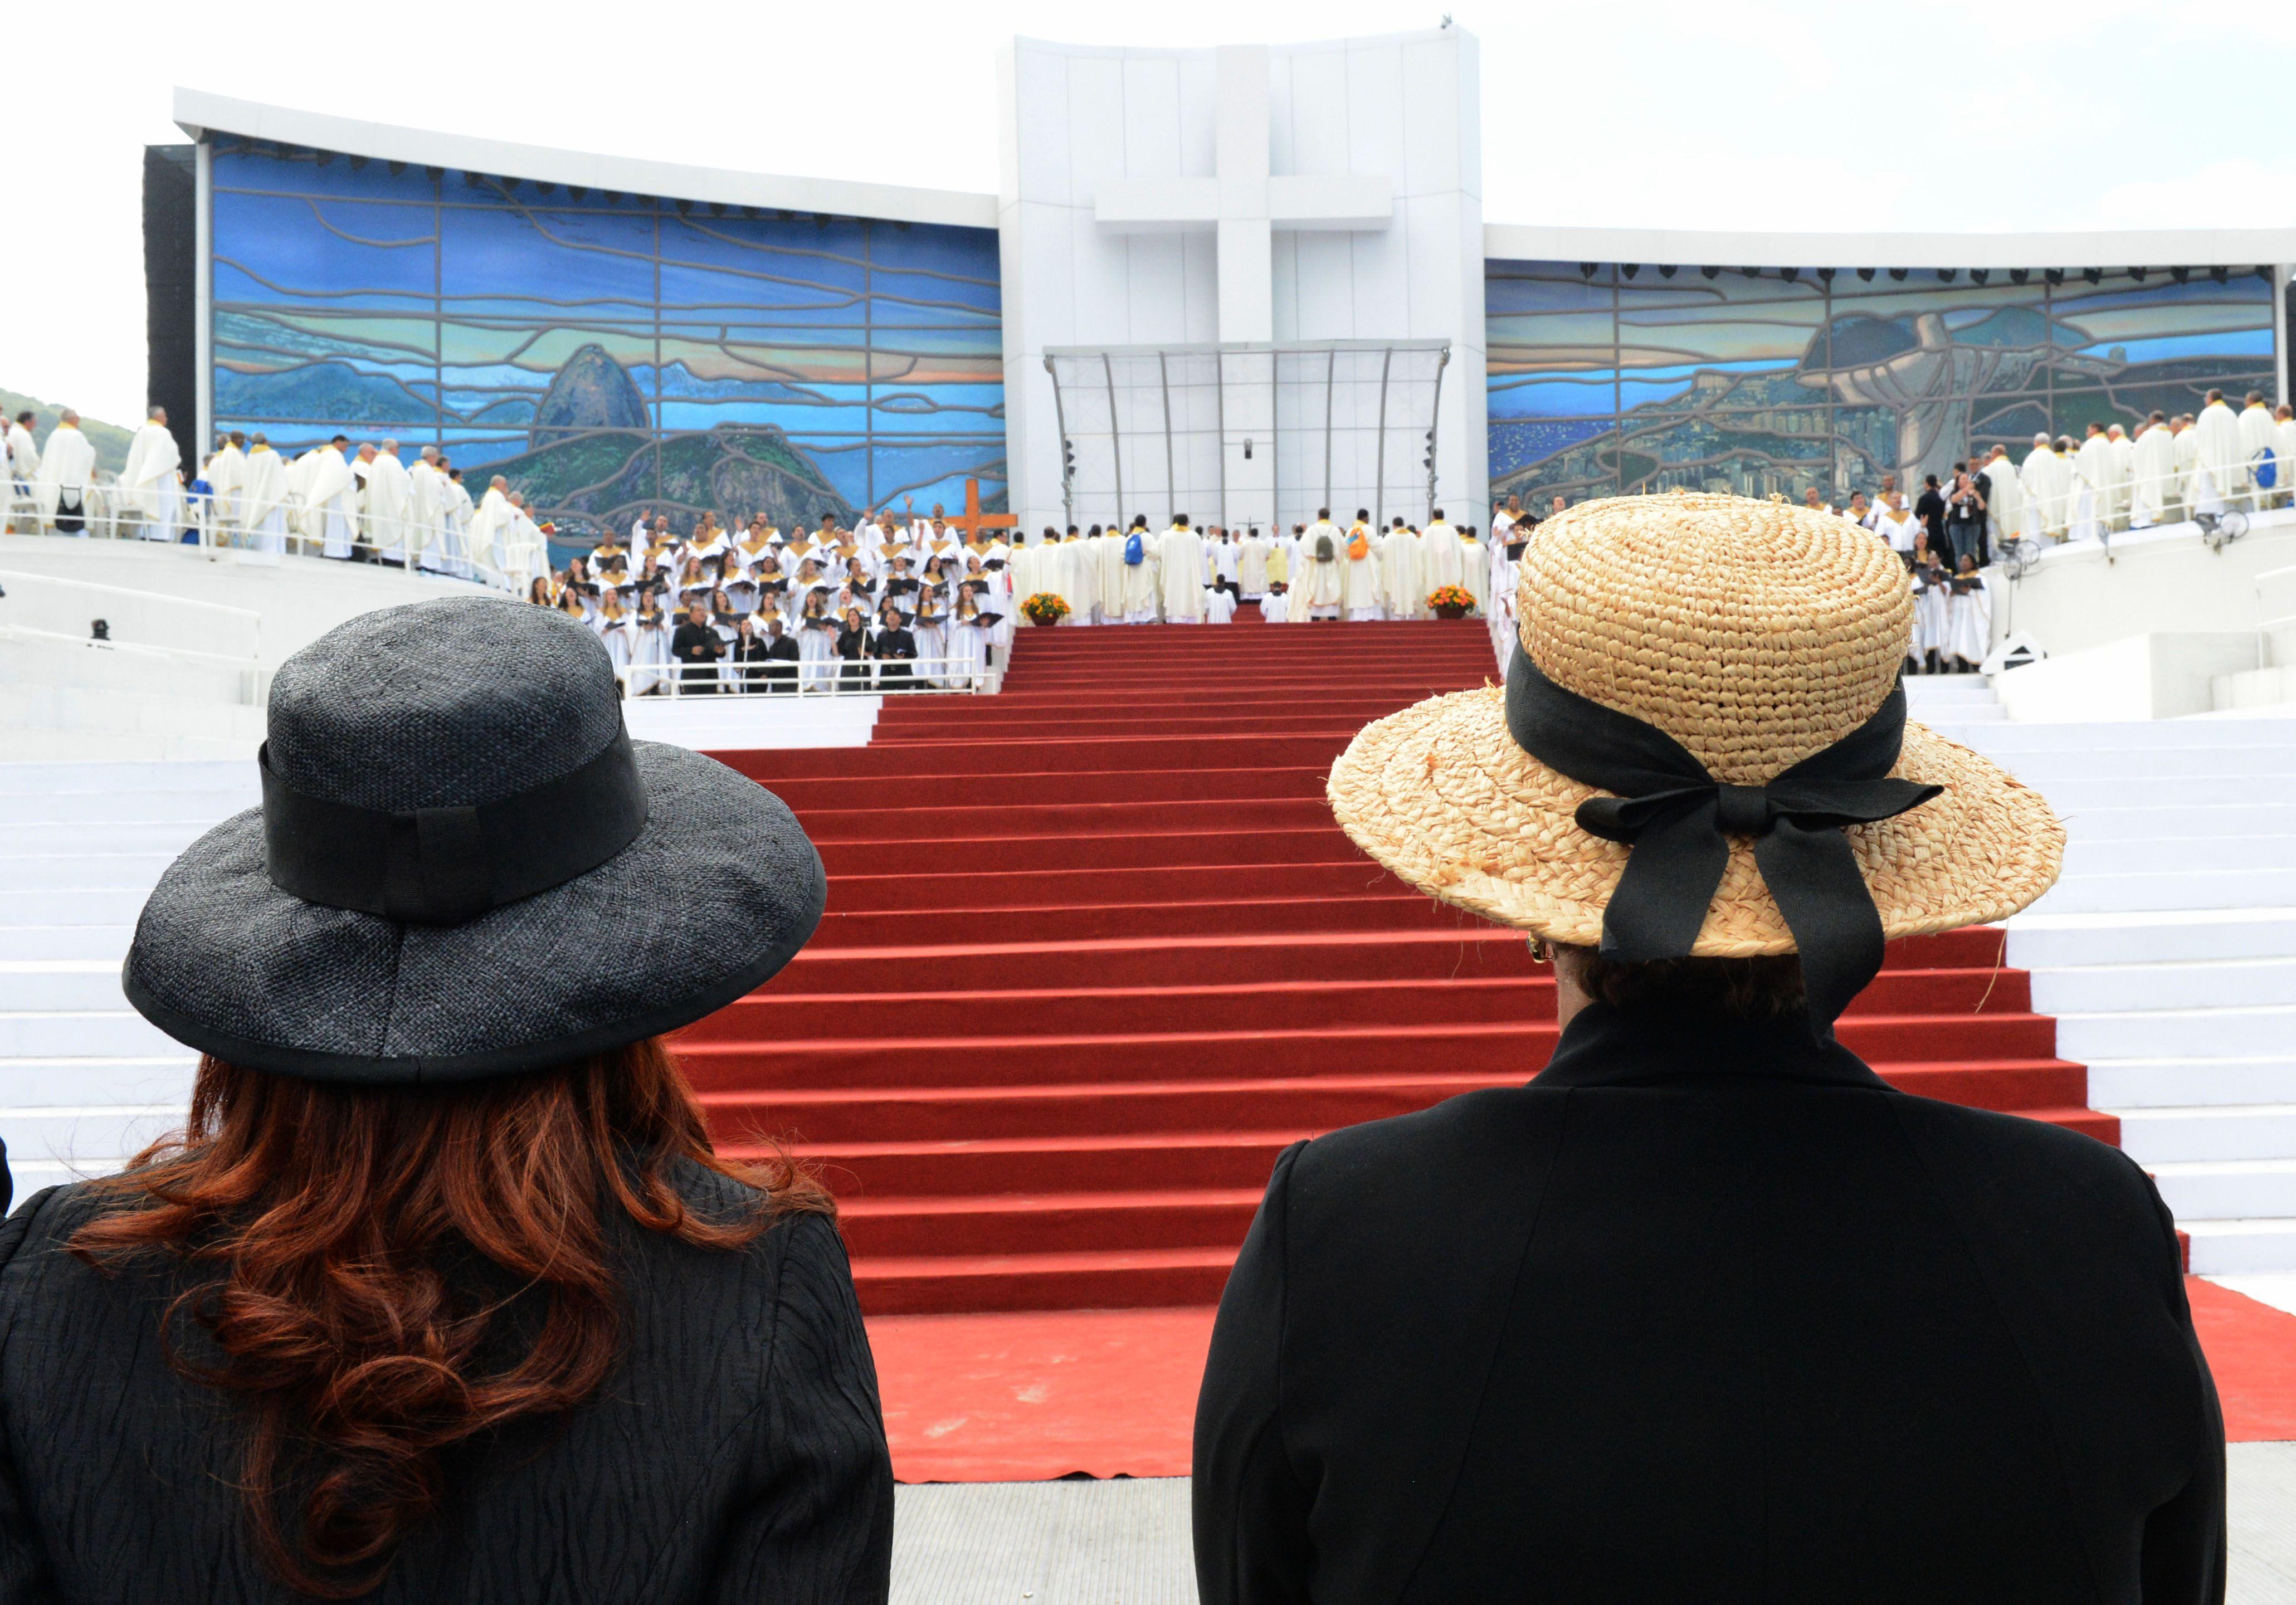 Cristina Fernández de Kirchner participó junto a Dilma Rousseff de la misa de clausura de la Jornada Mundial de la Juventud en Río de Janeiro, oficiada por el Papa Francisco.